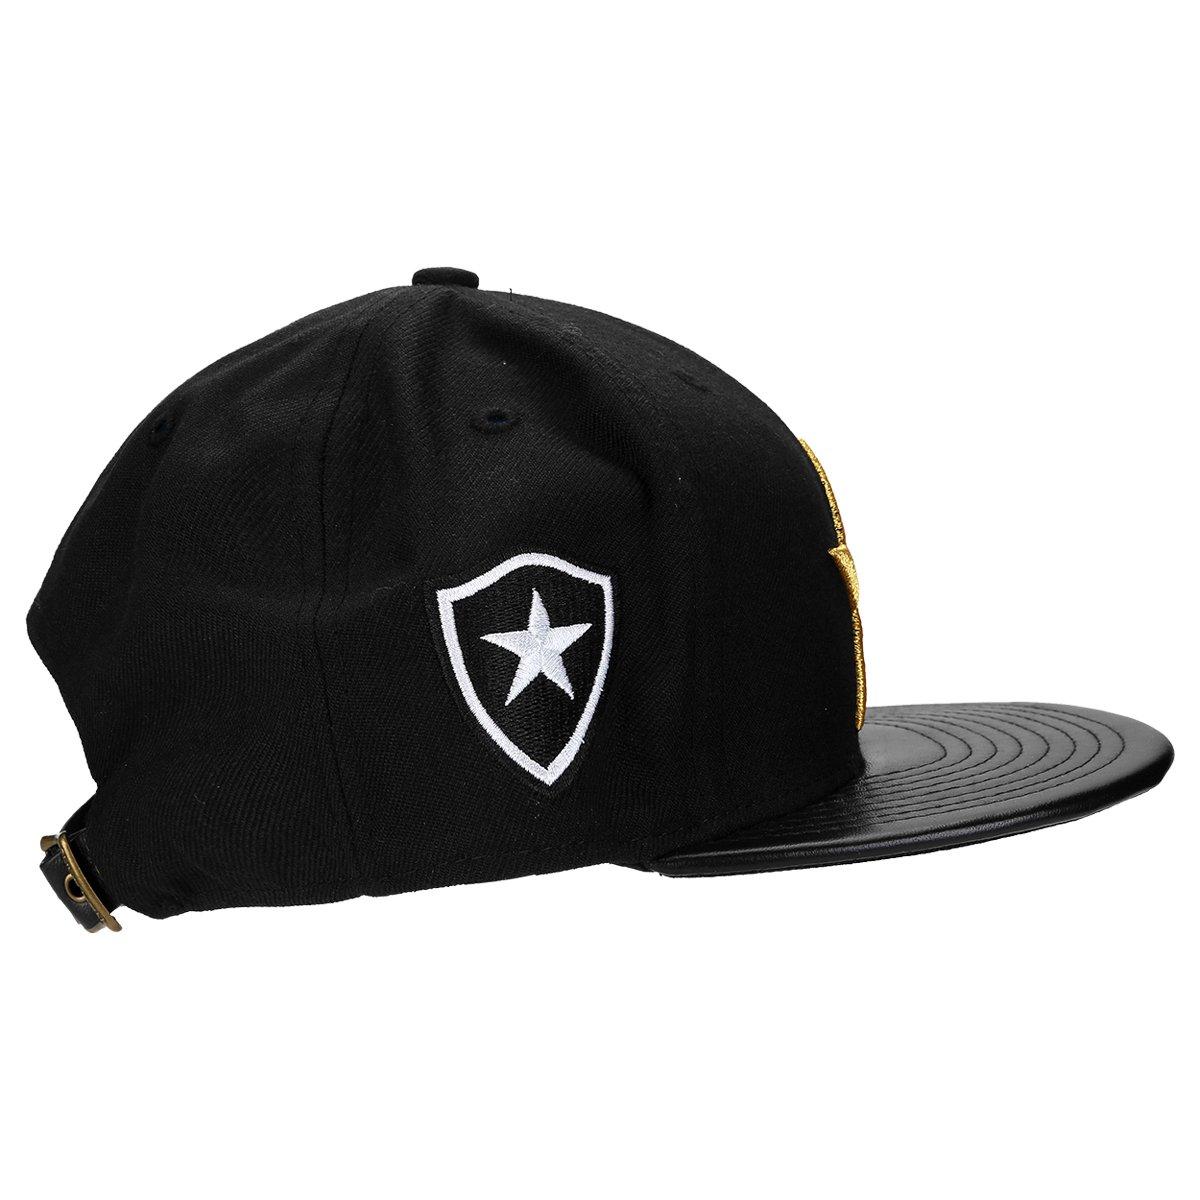 Boné New Era Botafogo 950 - Compre Agora  fe681daee40c7